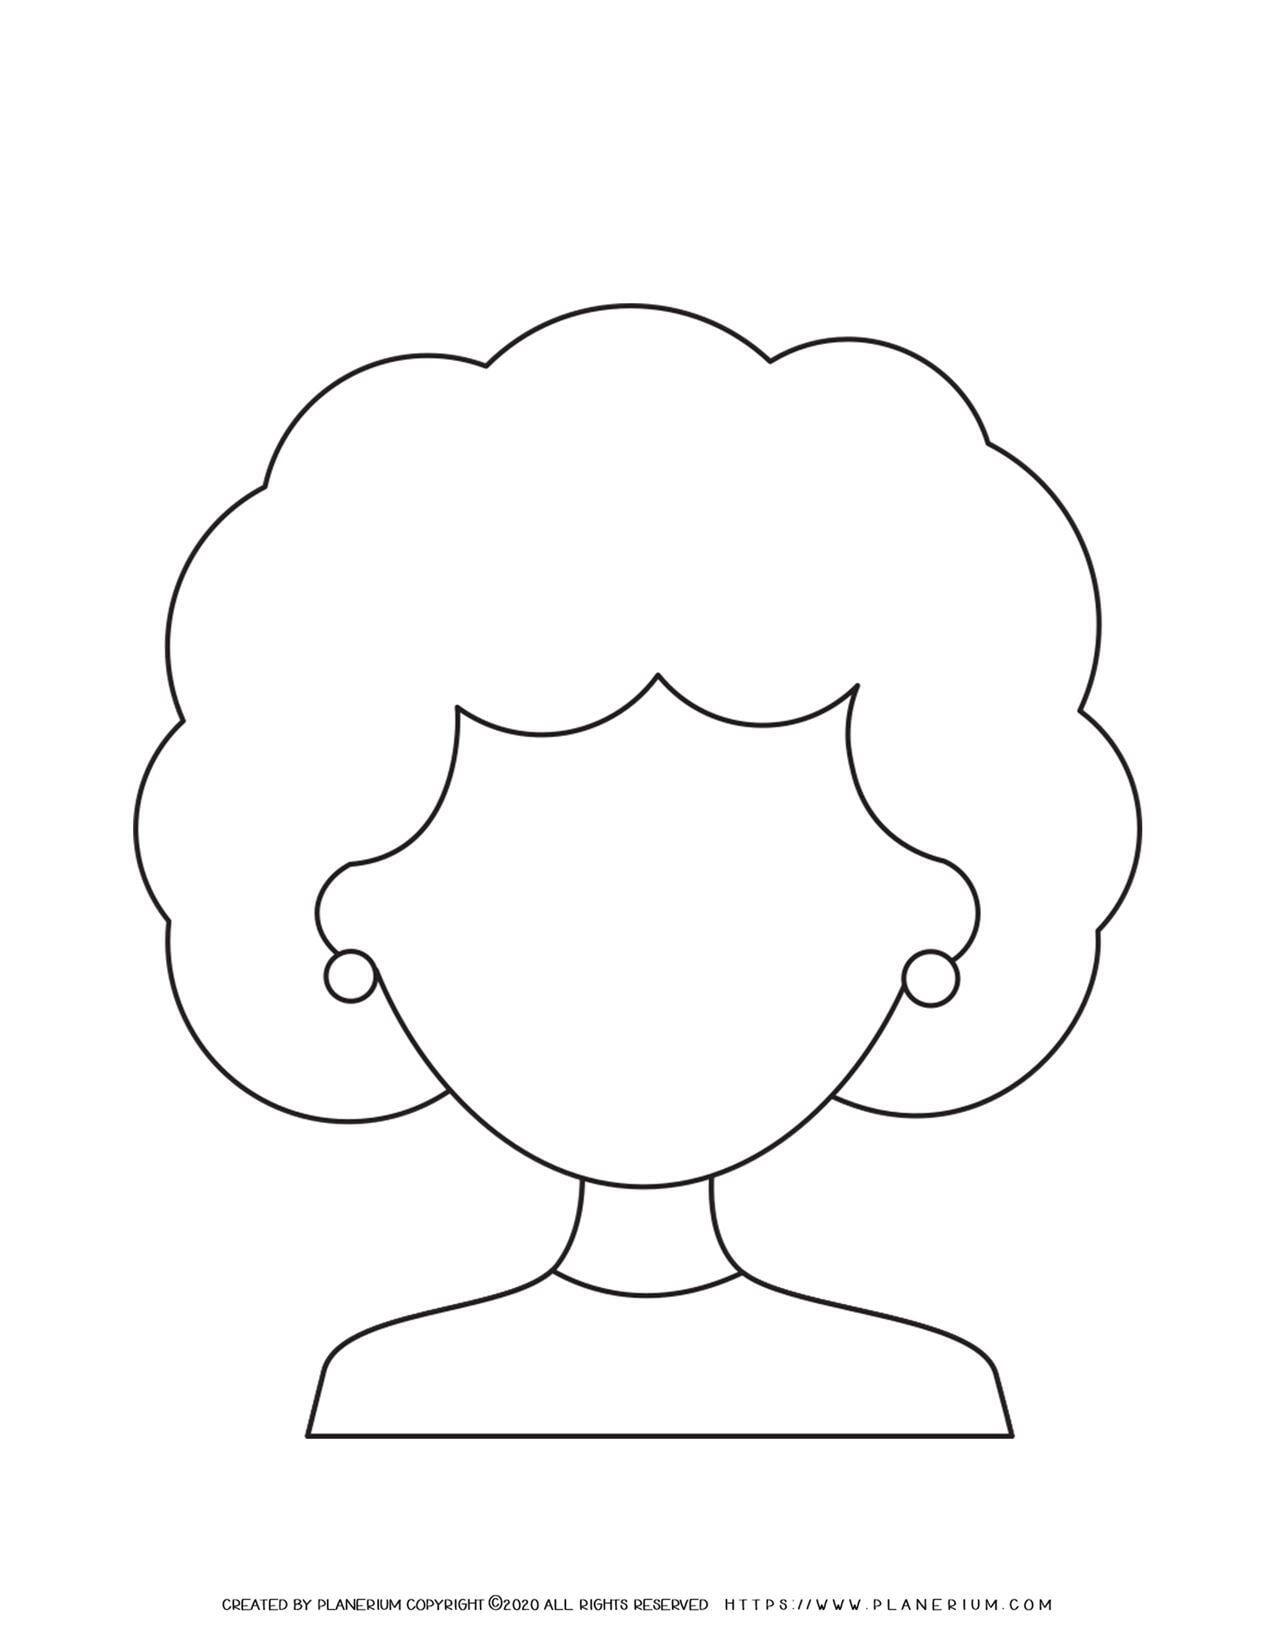 Woman Face Outline | Planerium